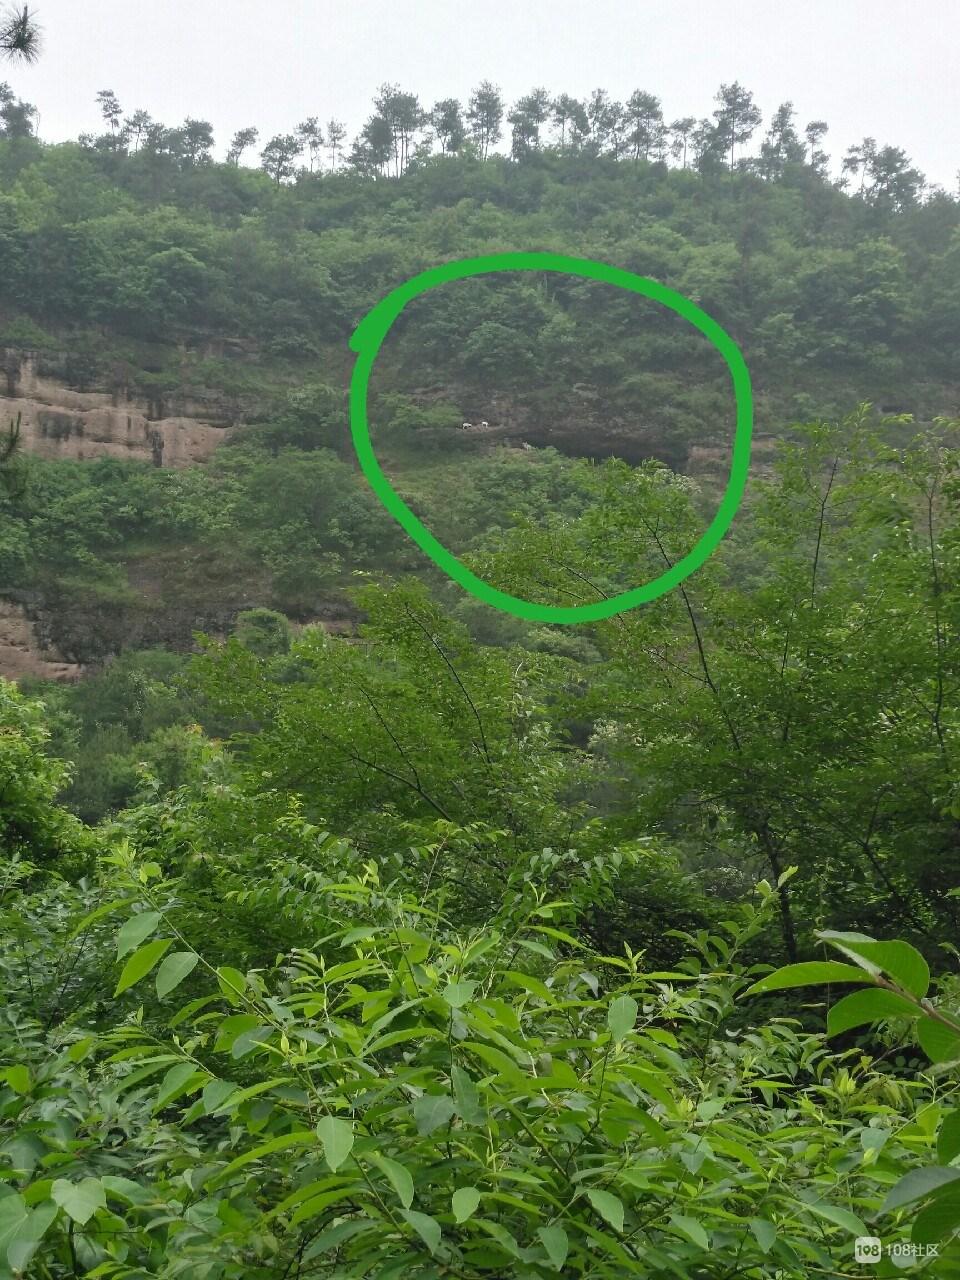 社友在悬崖峭壁上发现了不明生物!原来是馒头山的…